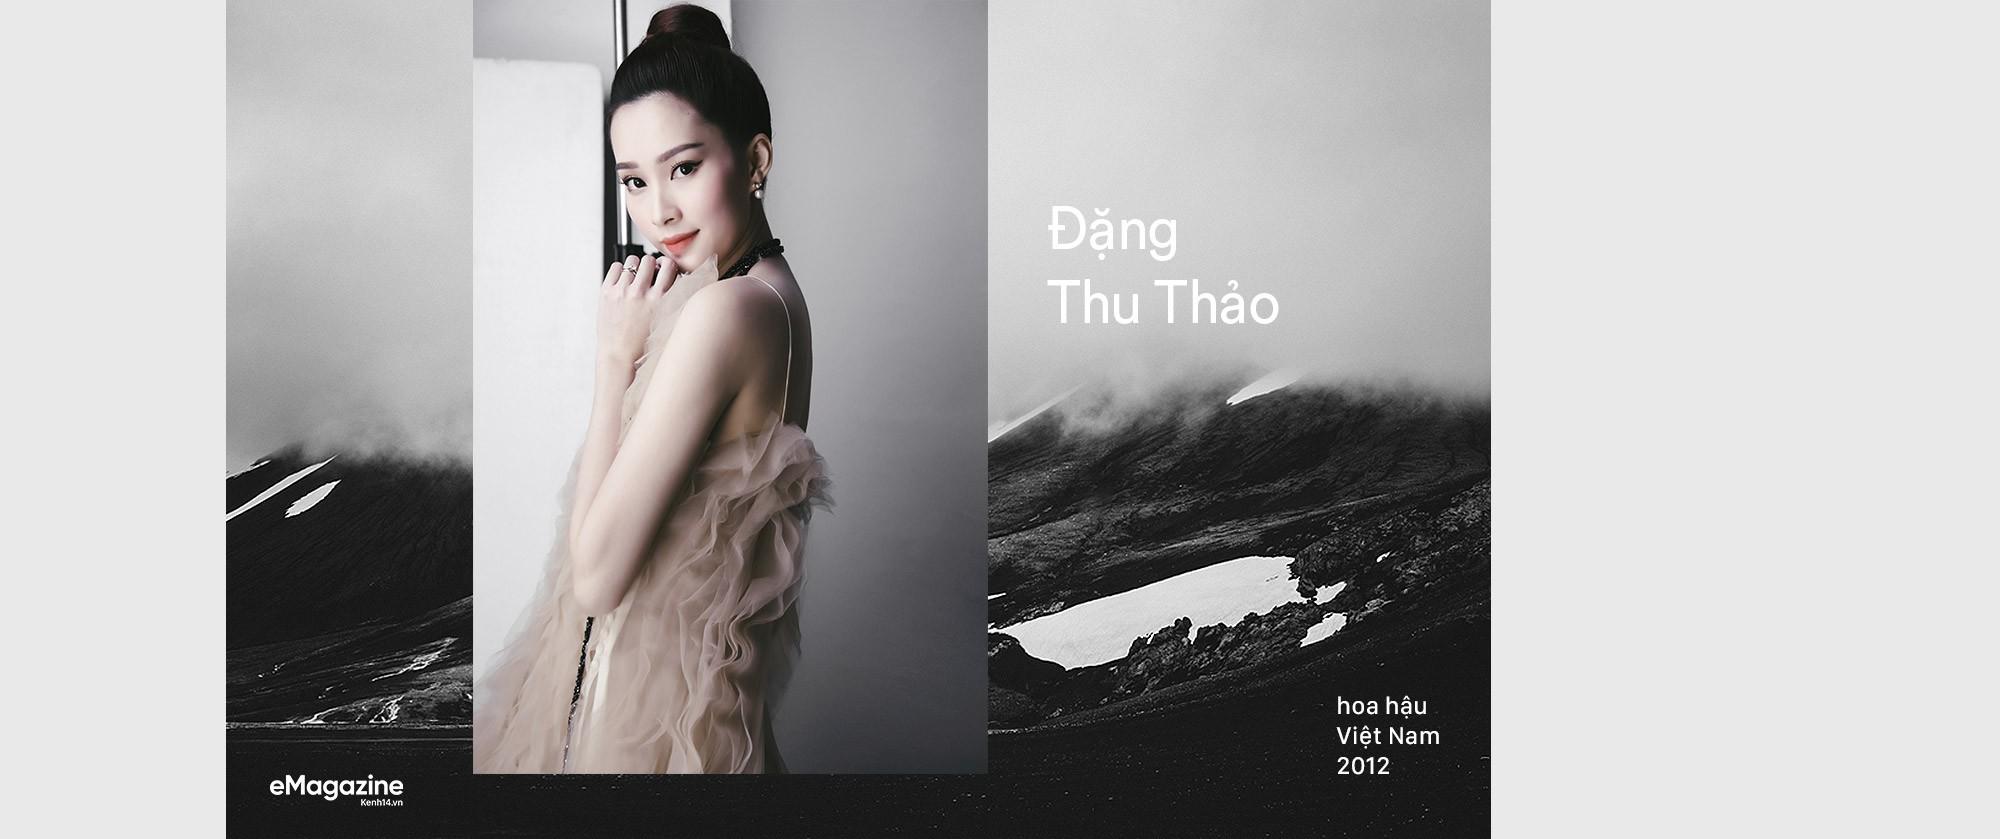 Thu Thảo, Kỳ Duyên, Phạm Hương: Câu chuyện của 3 hoa hậu, 3 biểu tượng khó thay thế và có sức ảnh hưởng tới giới trẻ Việt - Ảnh 2.